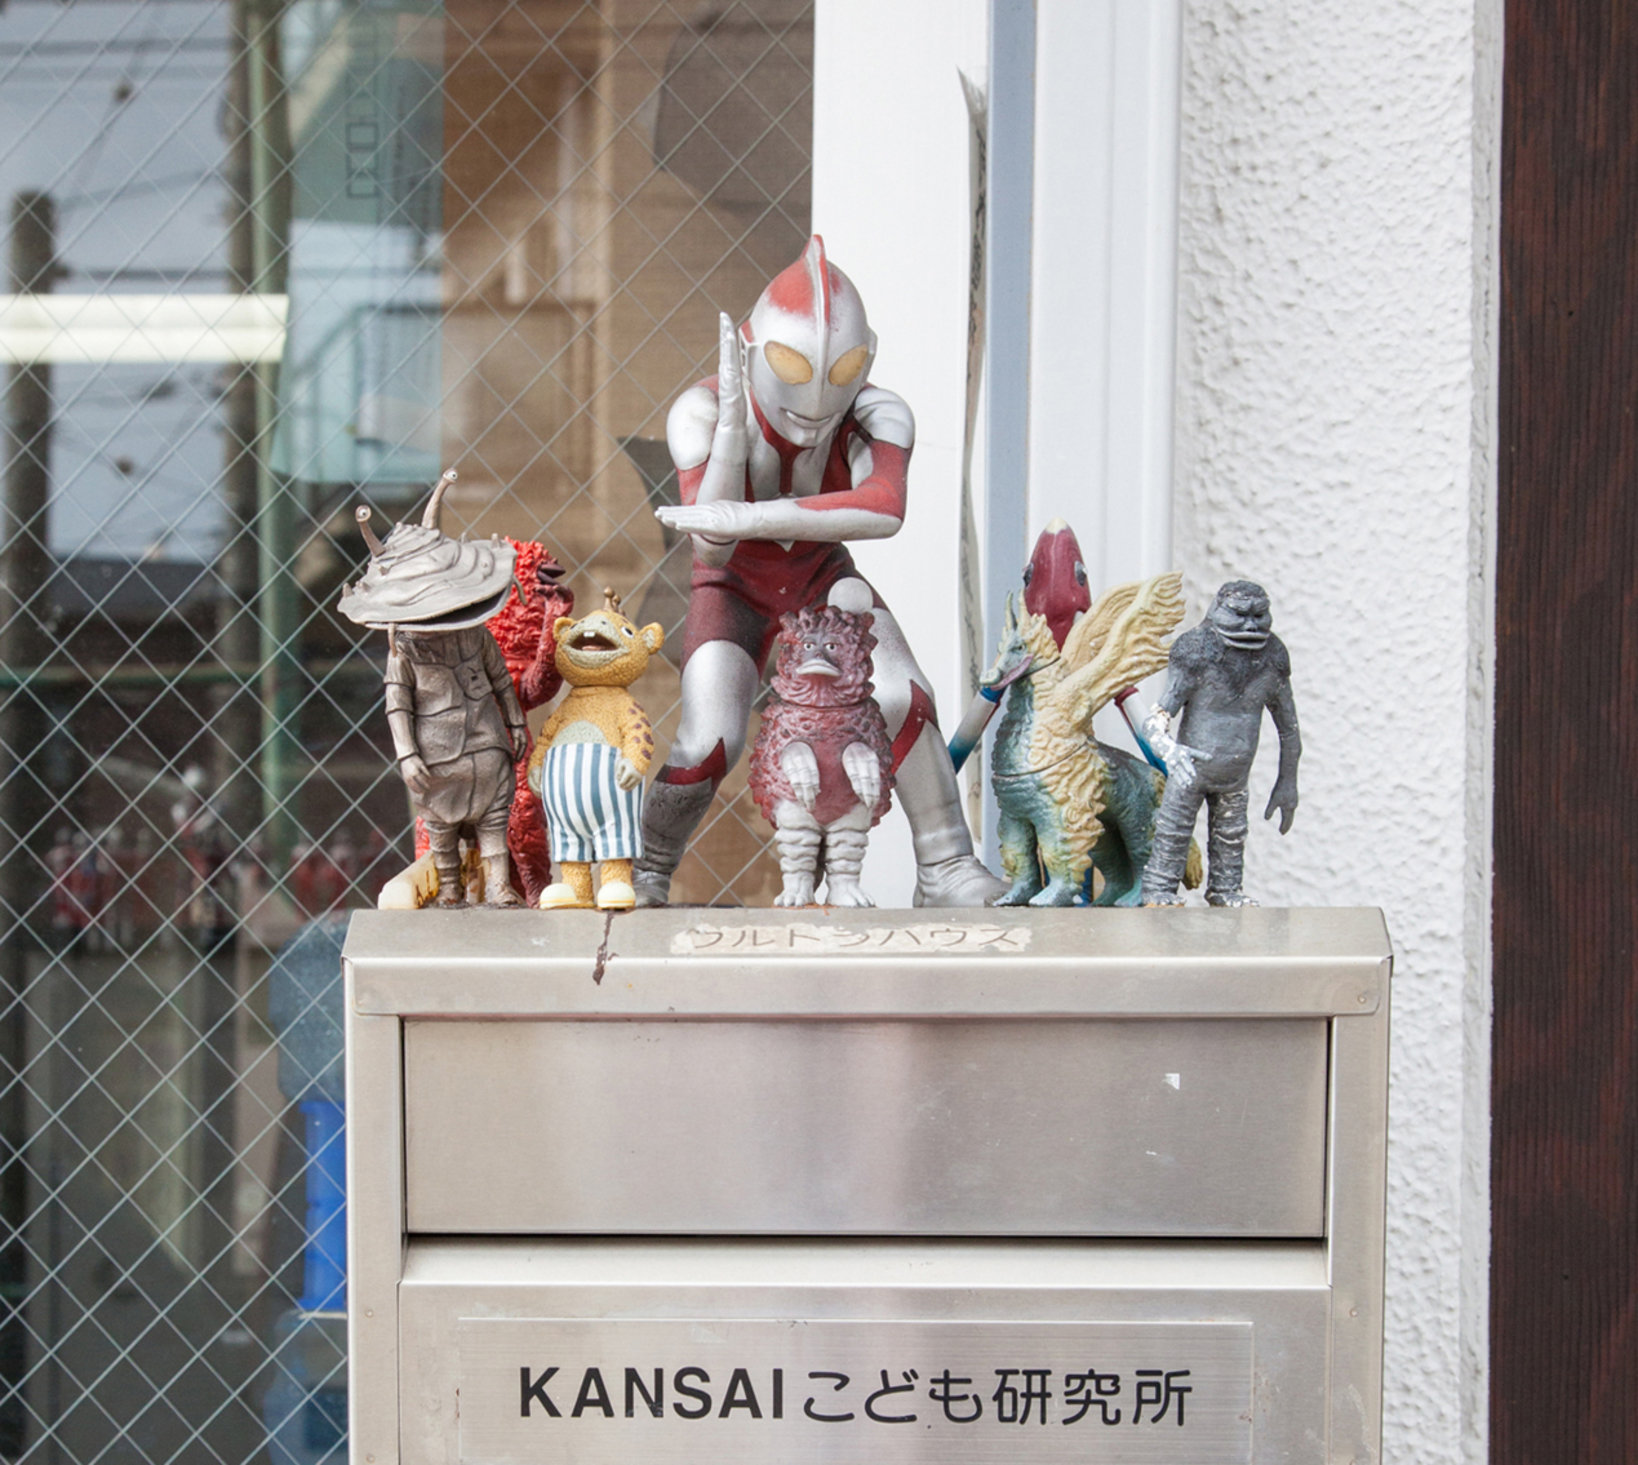 玄関ポストには、怪獣の人形が!「ポストマンの癒しに」だそうです。